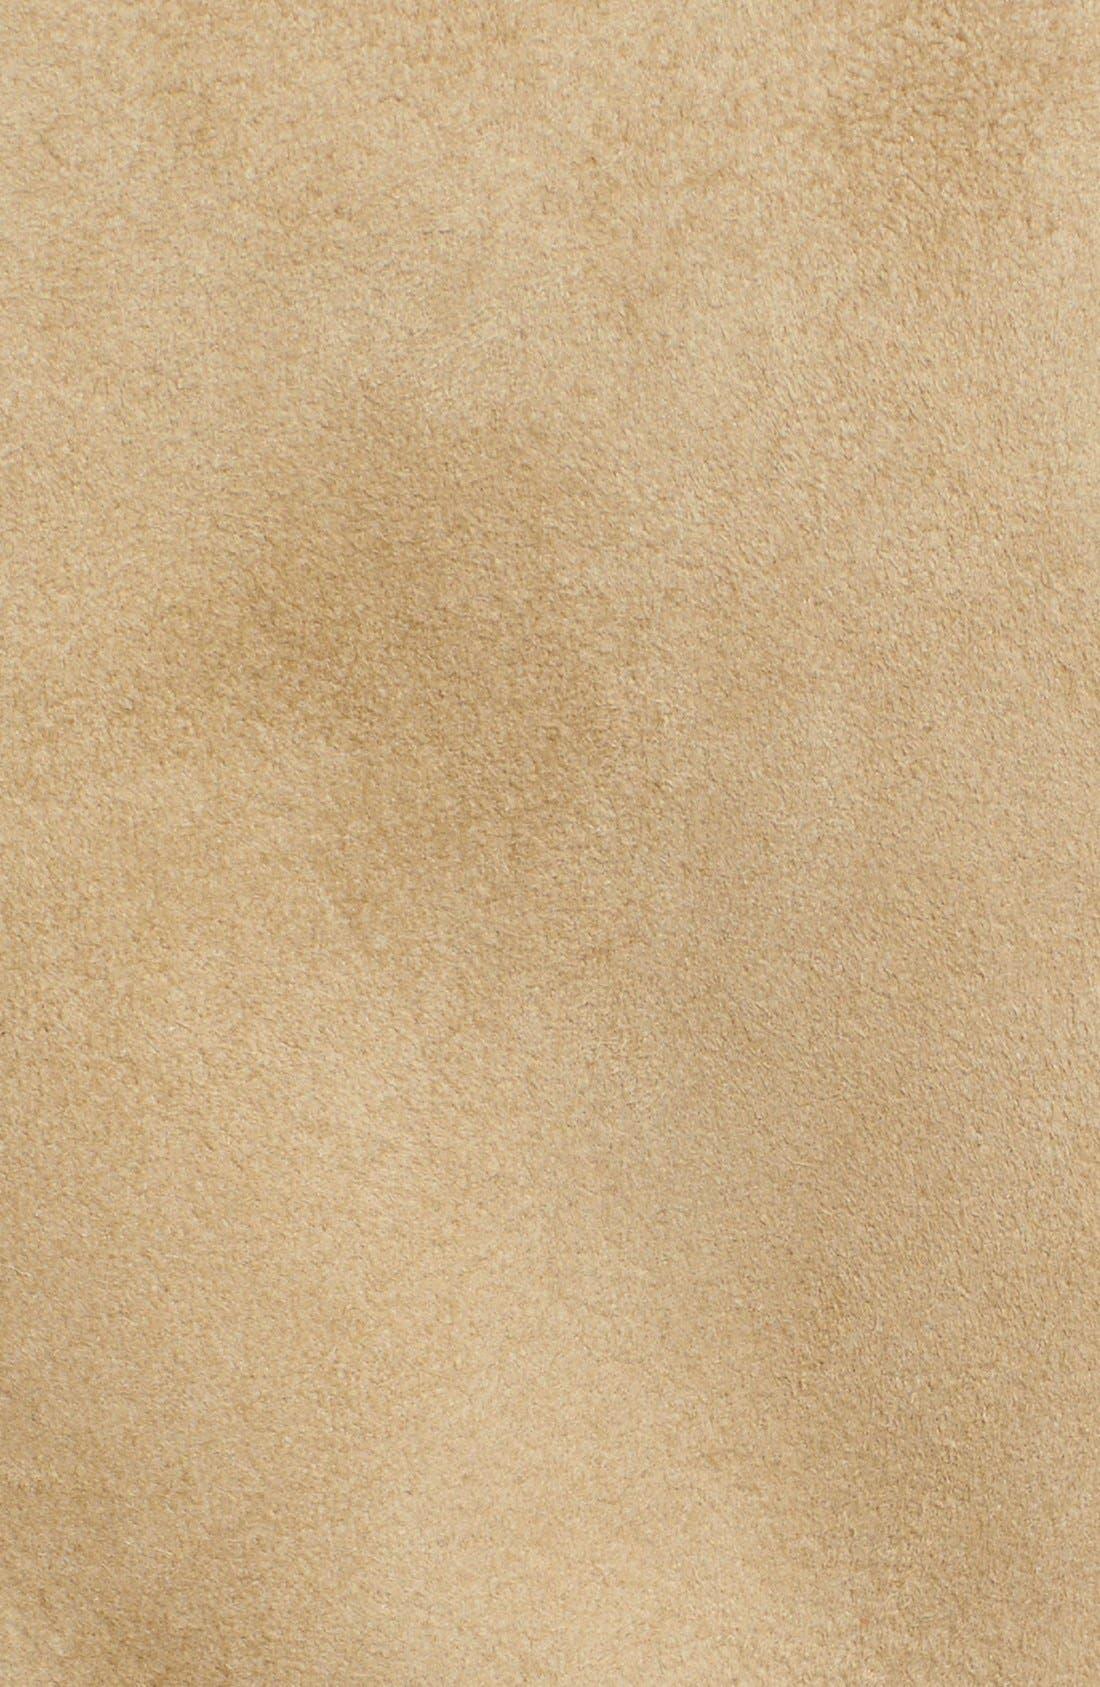 Alternate Image 3  - Burberry London 'Sandringham' Short Genuine Shearling Trench Coat